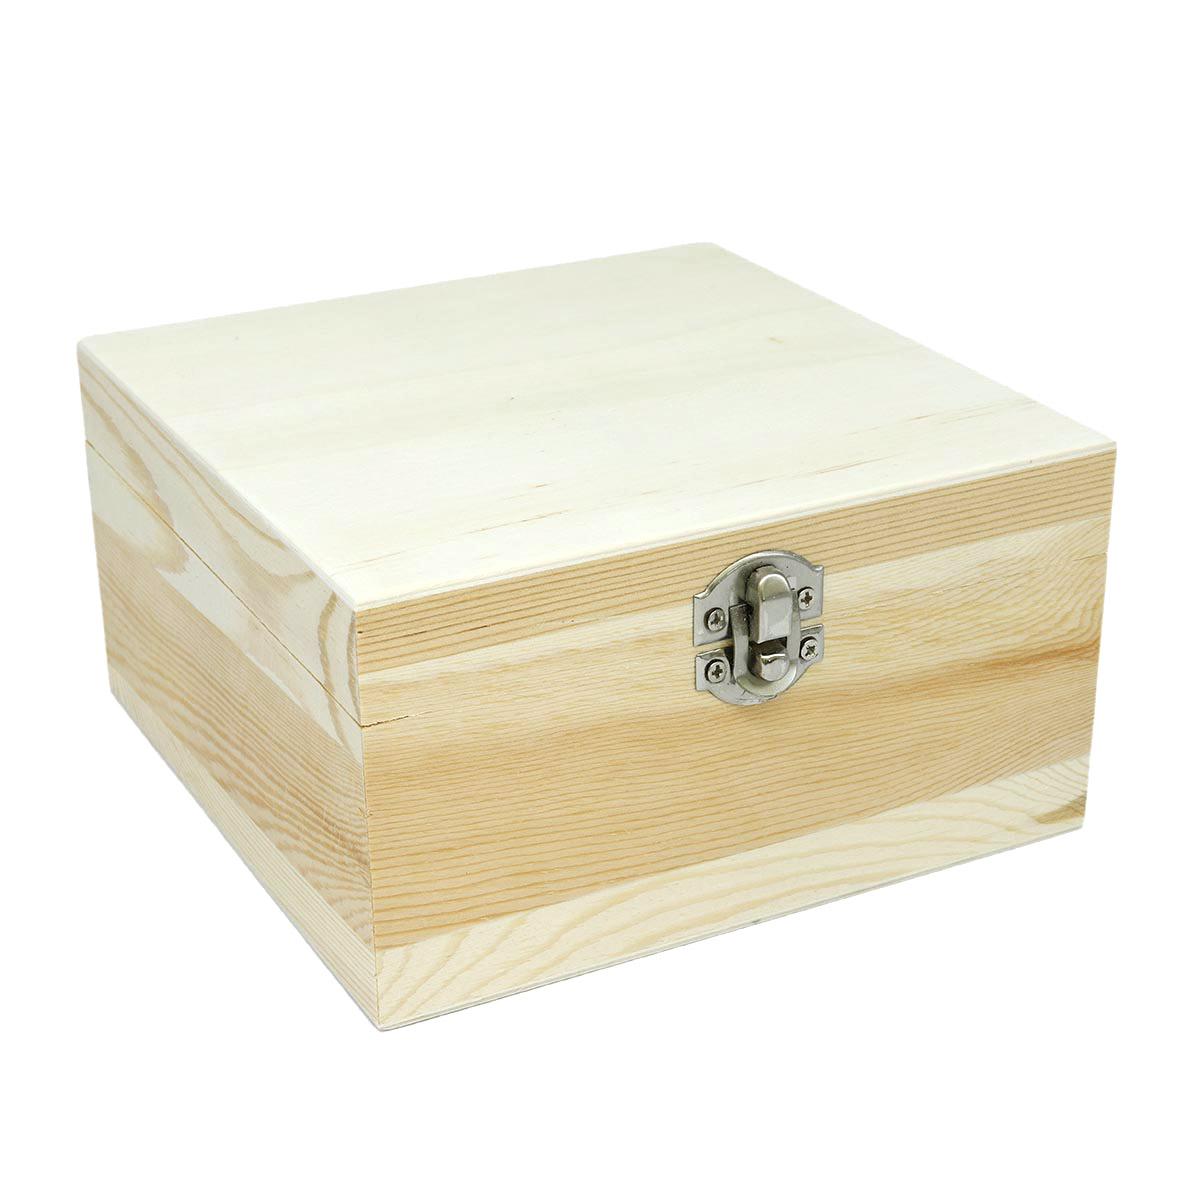 61682103 Деревянная шкатулка, 16*16*8,5 см, Glorex